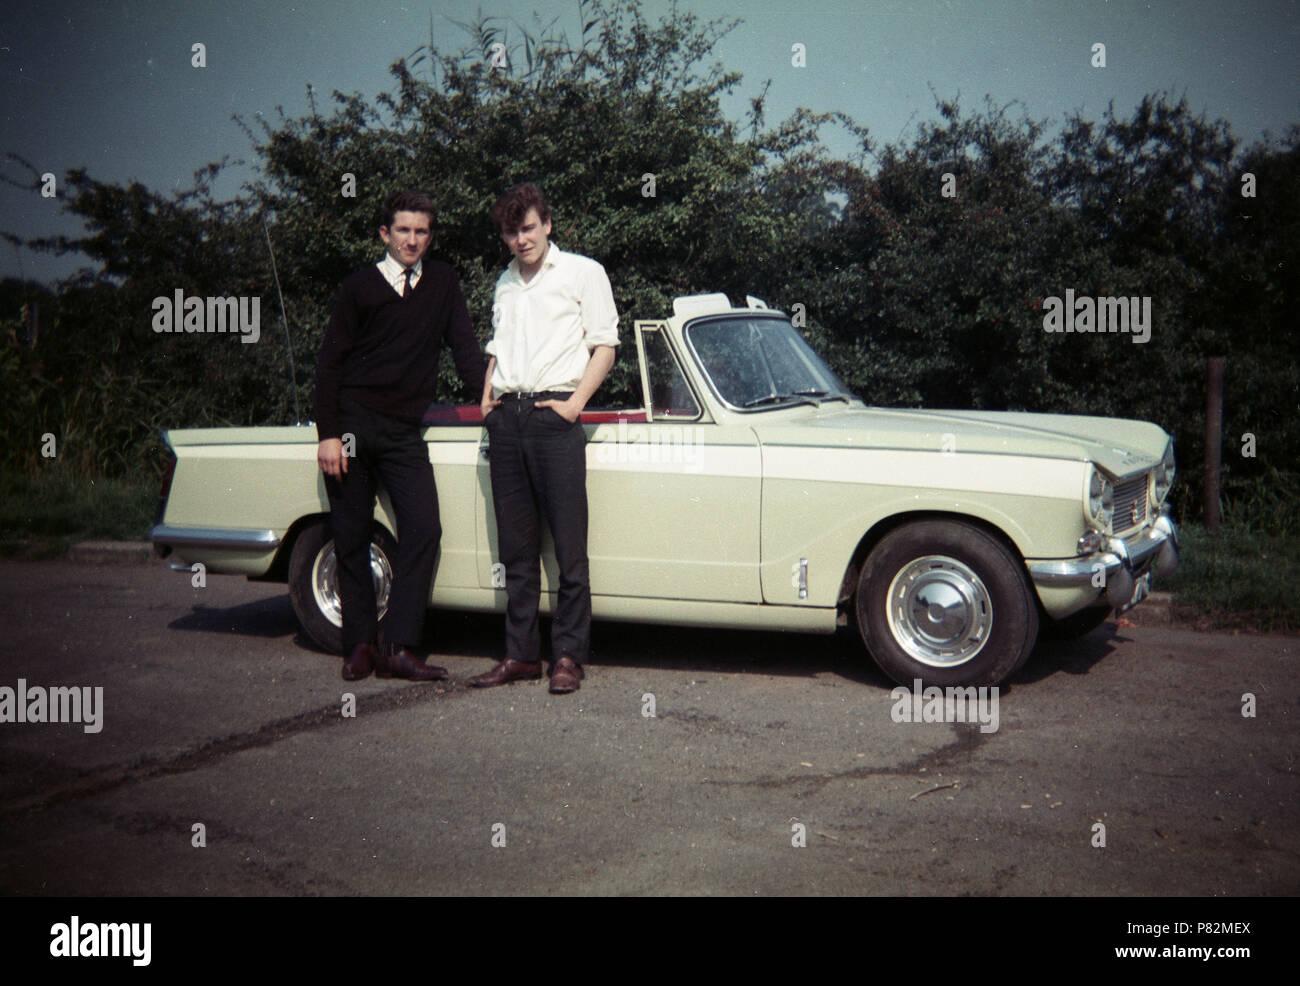 A finales de 1960, dos jóvenes parados por un británico hizo car, un automóvil convertible 13/60 Triumph Herald, Inglaterra, Reino Unido, hechas por el Standard-Triumph Co de Coventry. Esta versión, la caída de la cabeza, fue considerado como el más atractivo, pero en este momento, el motor de 1300 cc estaba bajo-powered en comparación con los demás. Imagen De Stock